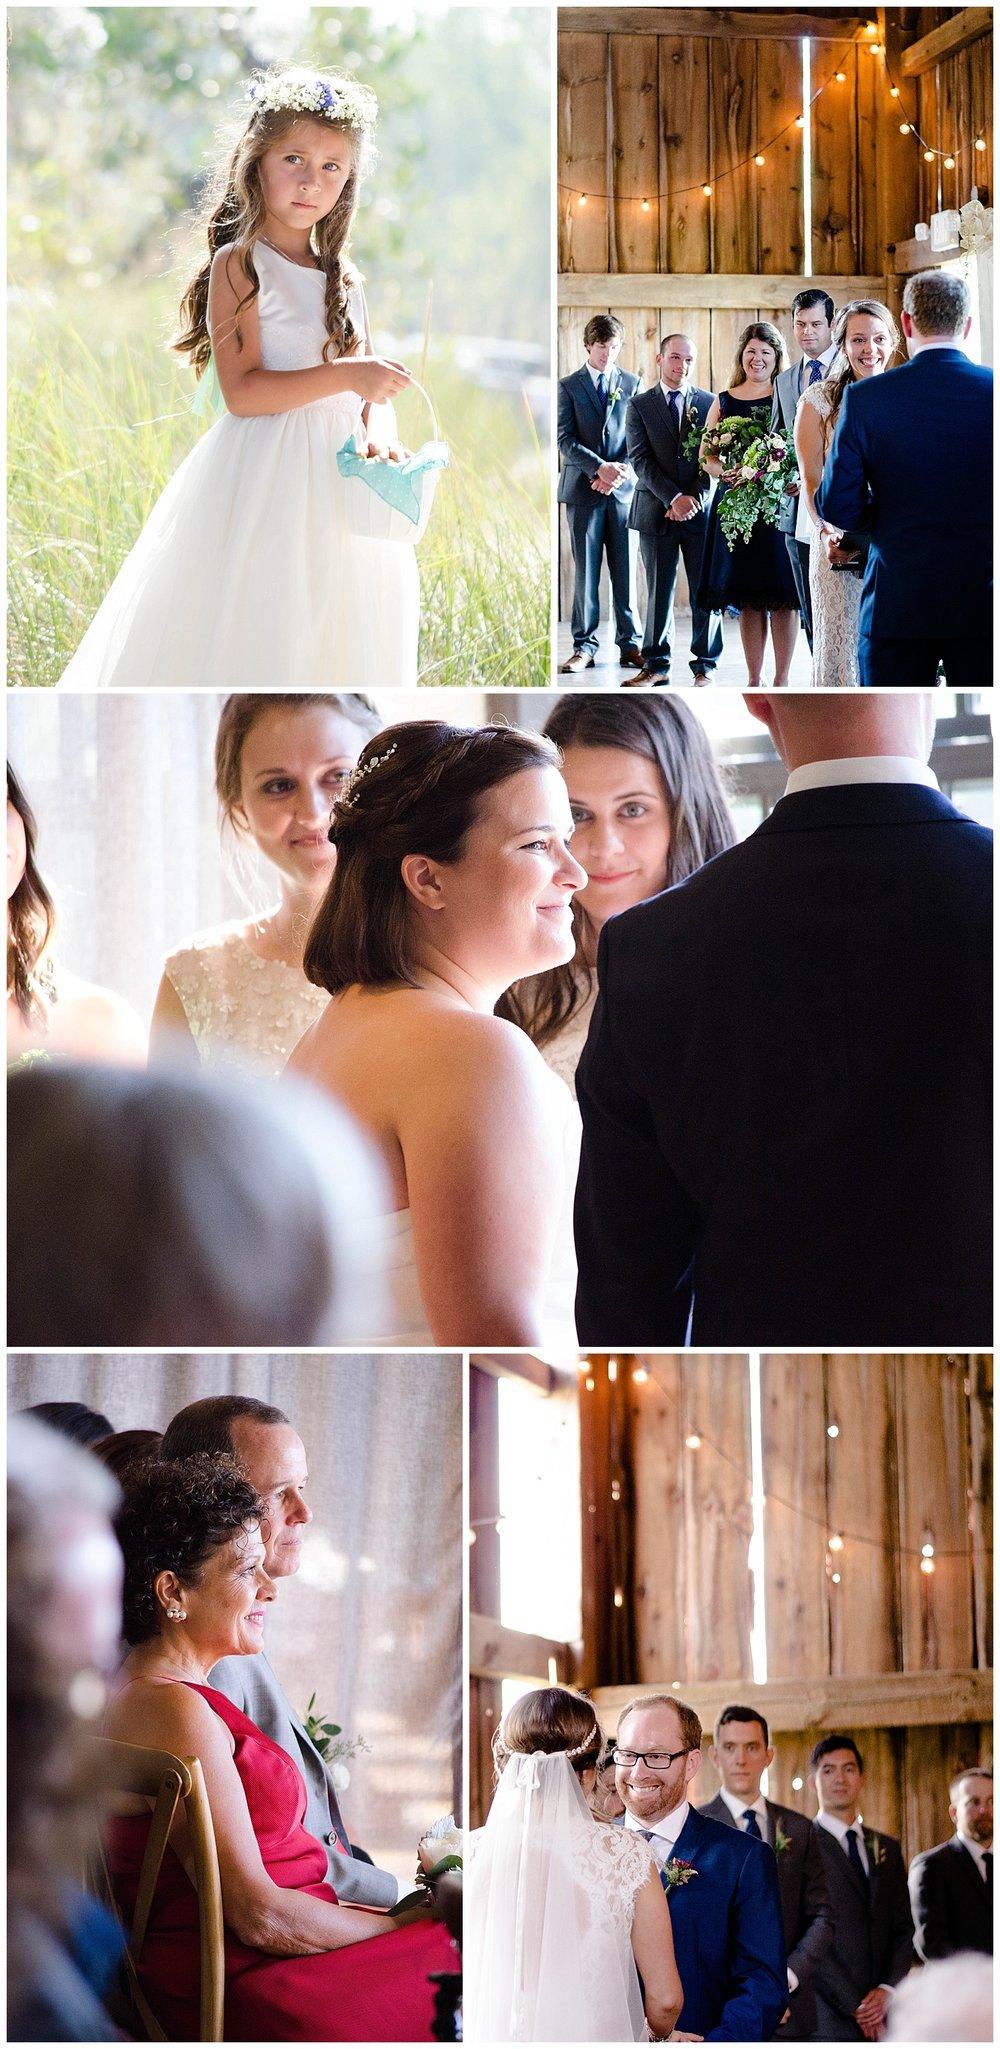 weddings-by-raisa-michigan-photographer_0010.jpg